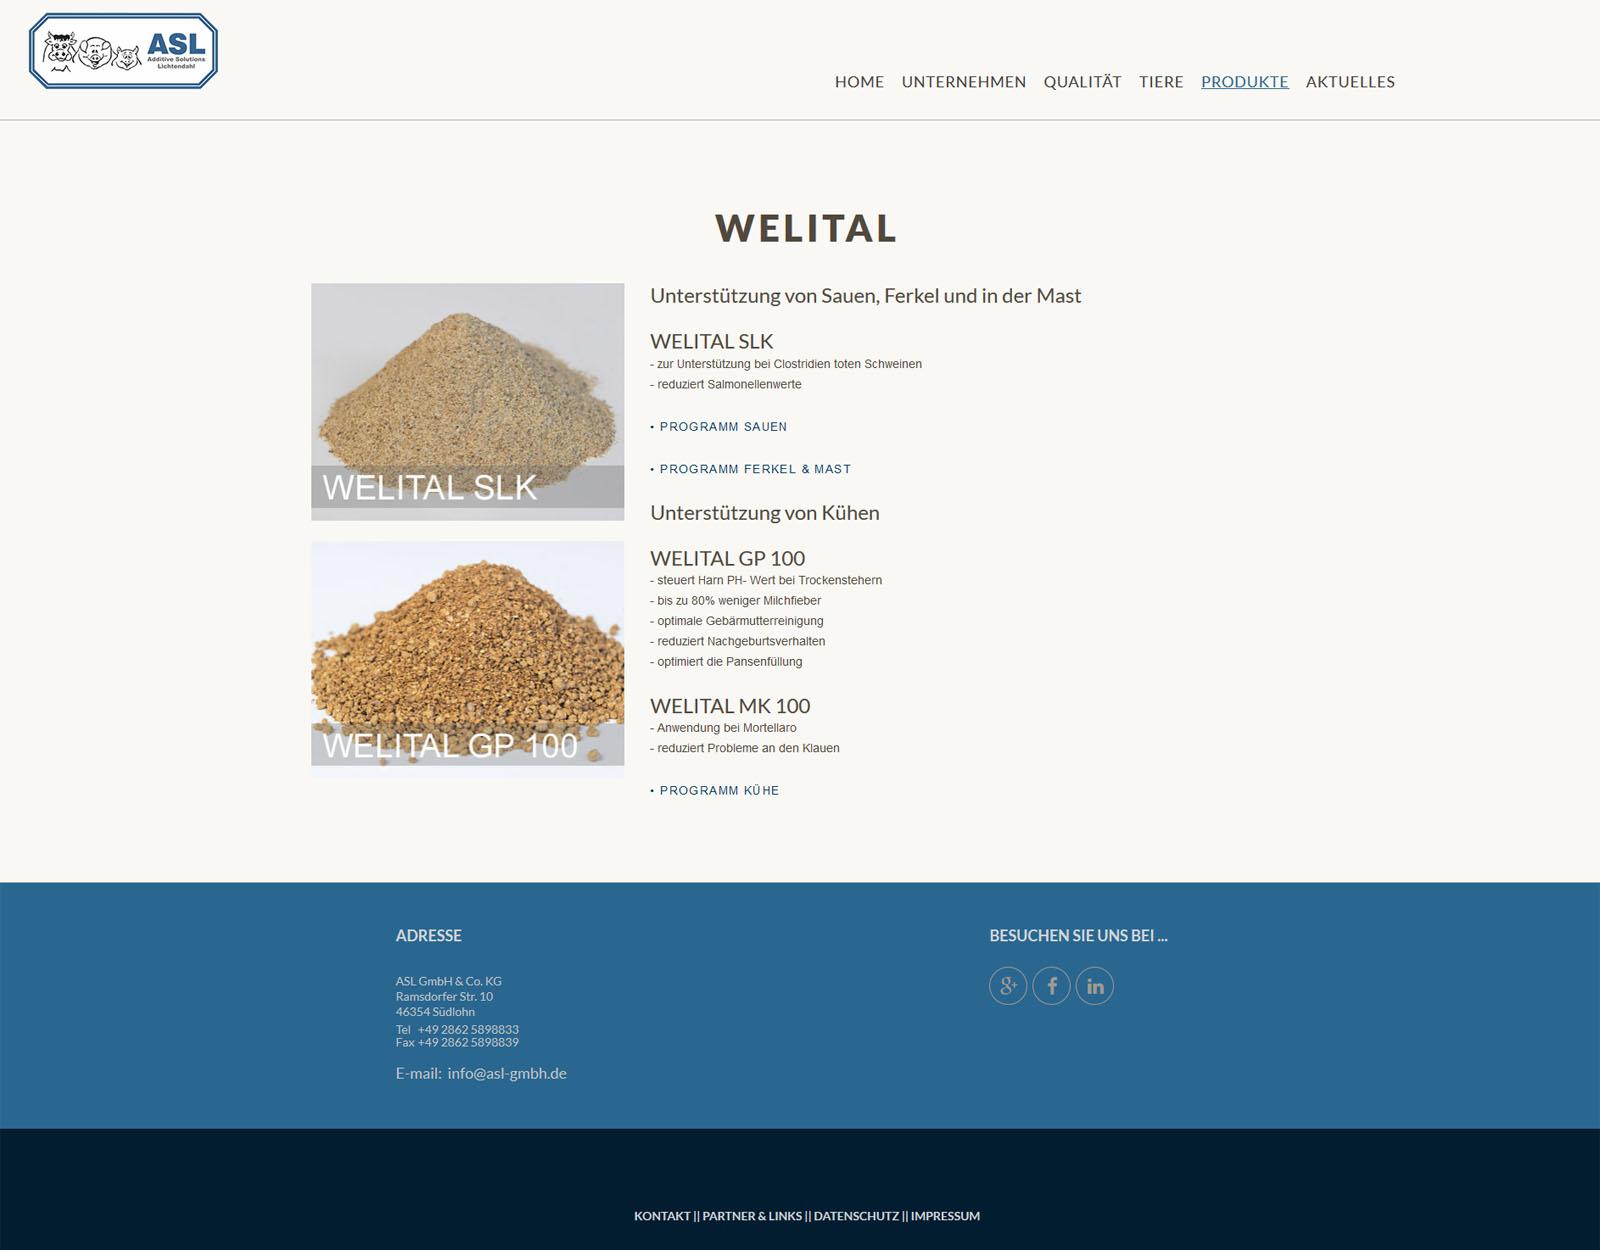 website ASL GmbH - Produkte